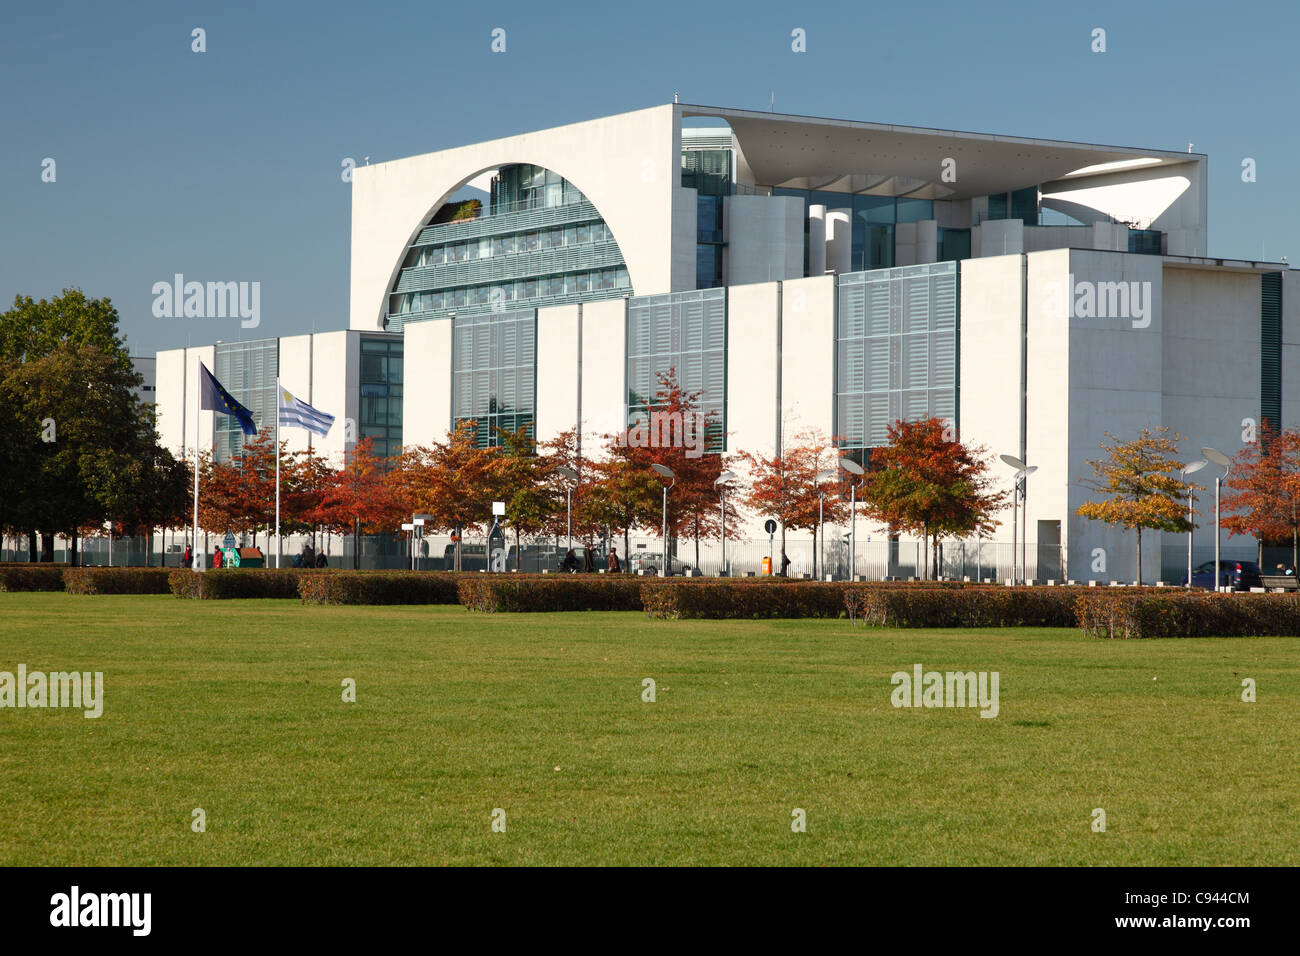 The German Chancellery in Berlin; Bundeskanzleramt in Berlin - Stock Image